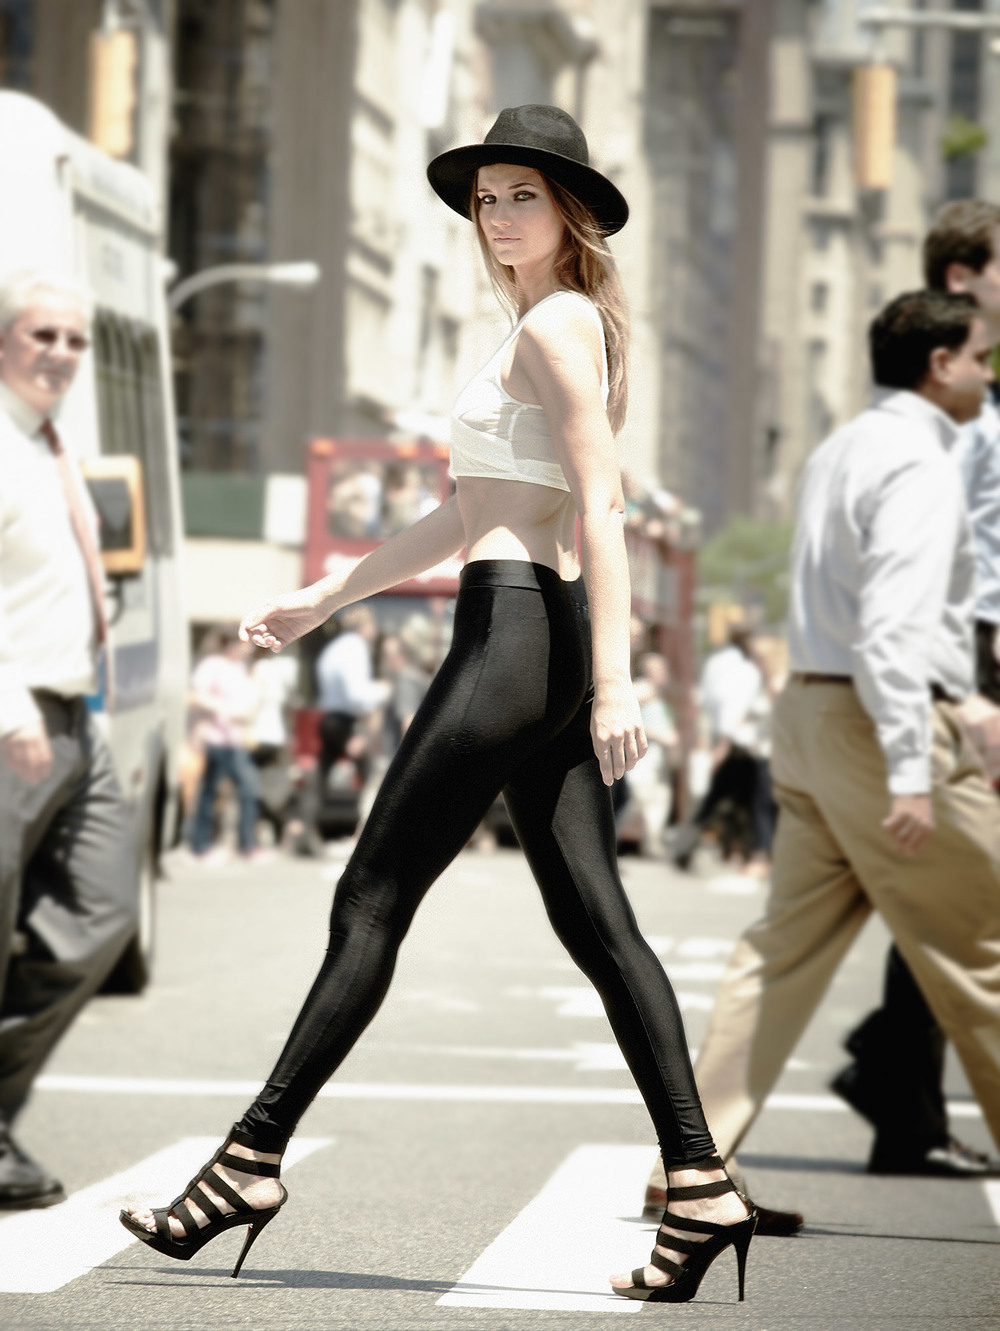 new-york-models-nadia.jpg